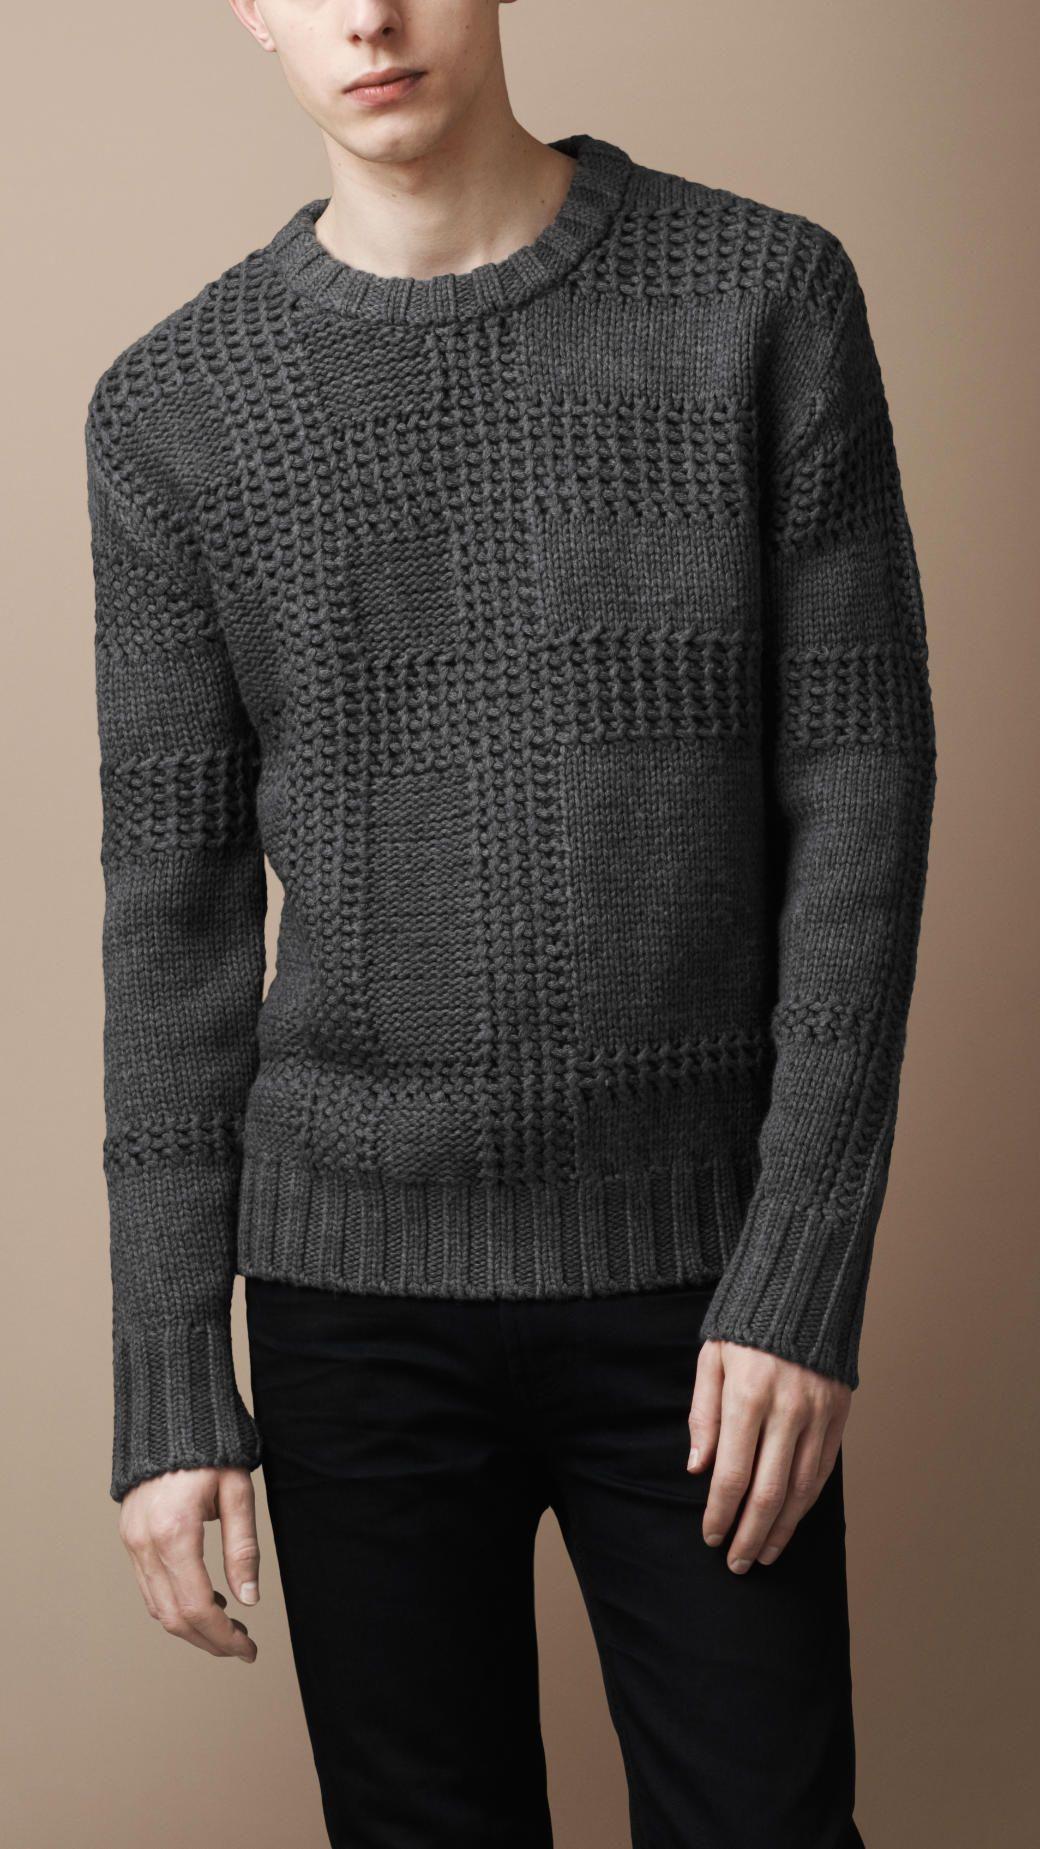 da50e5299 Men s Knitted Sweaters   Cardigans